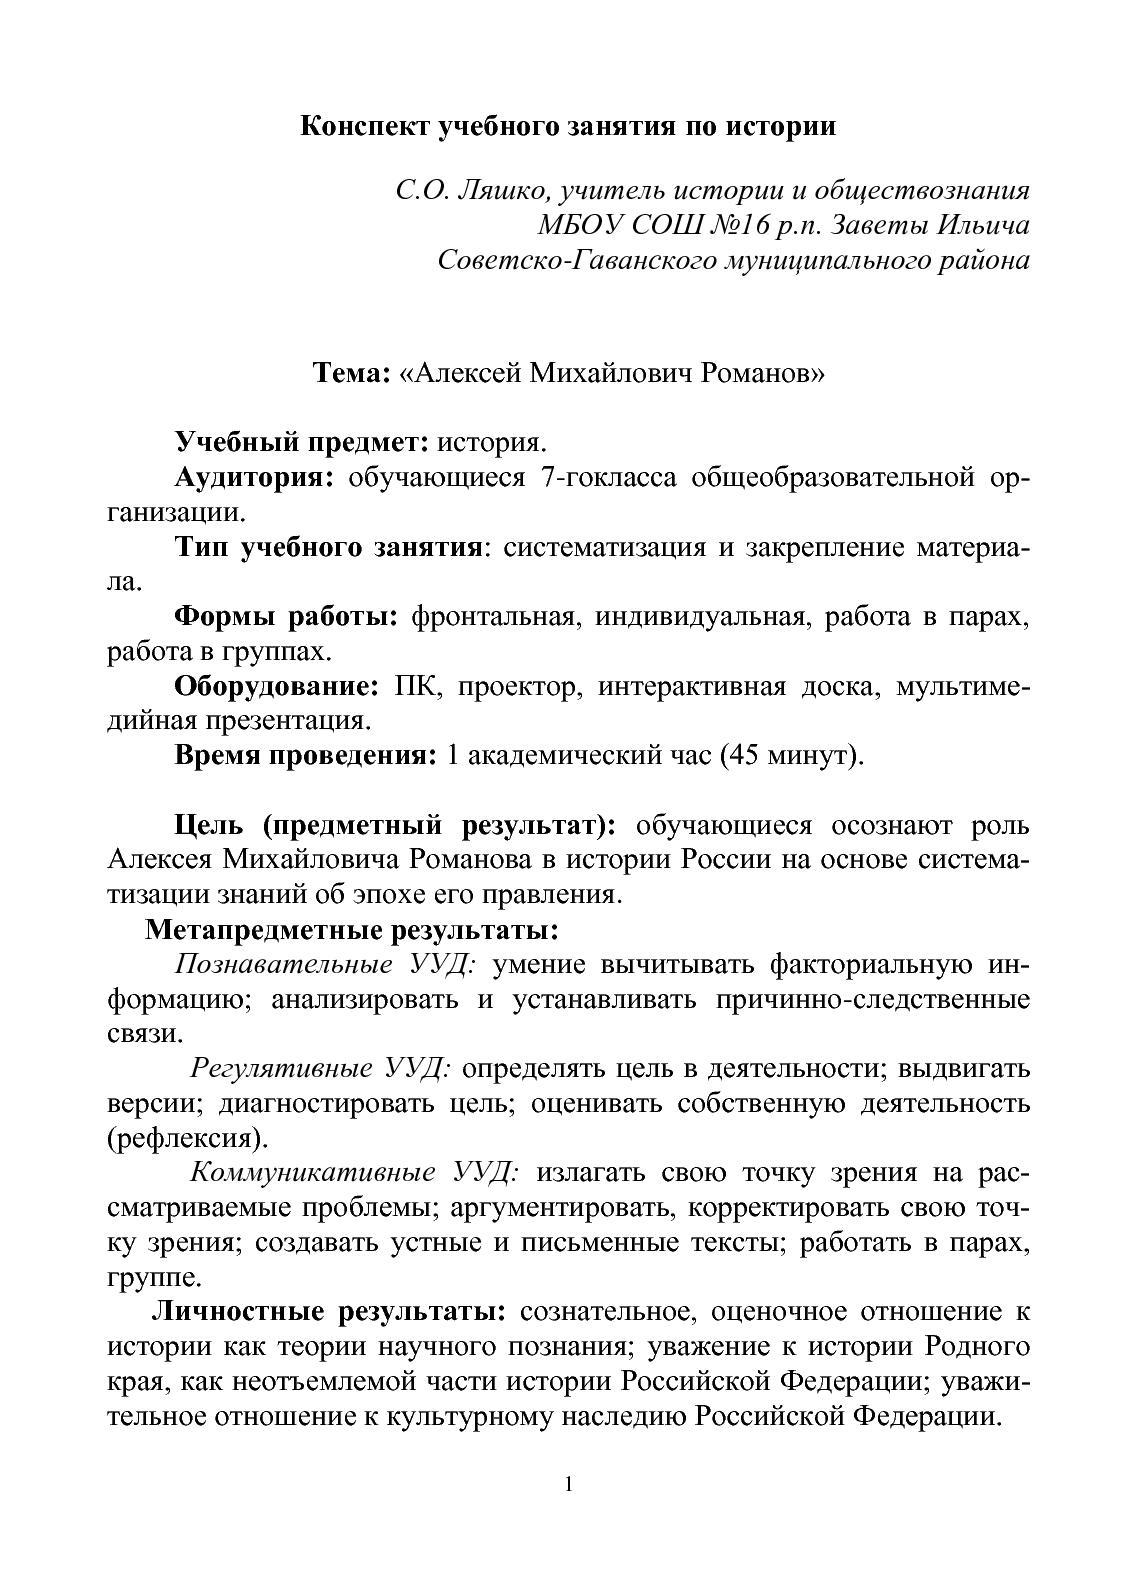 Эссе на тему алексей михайлович романов 3670